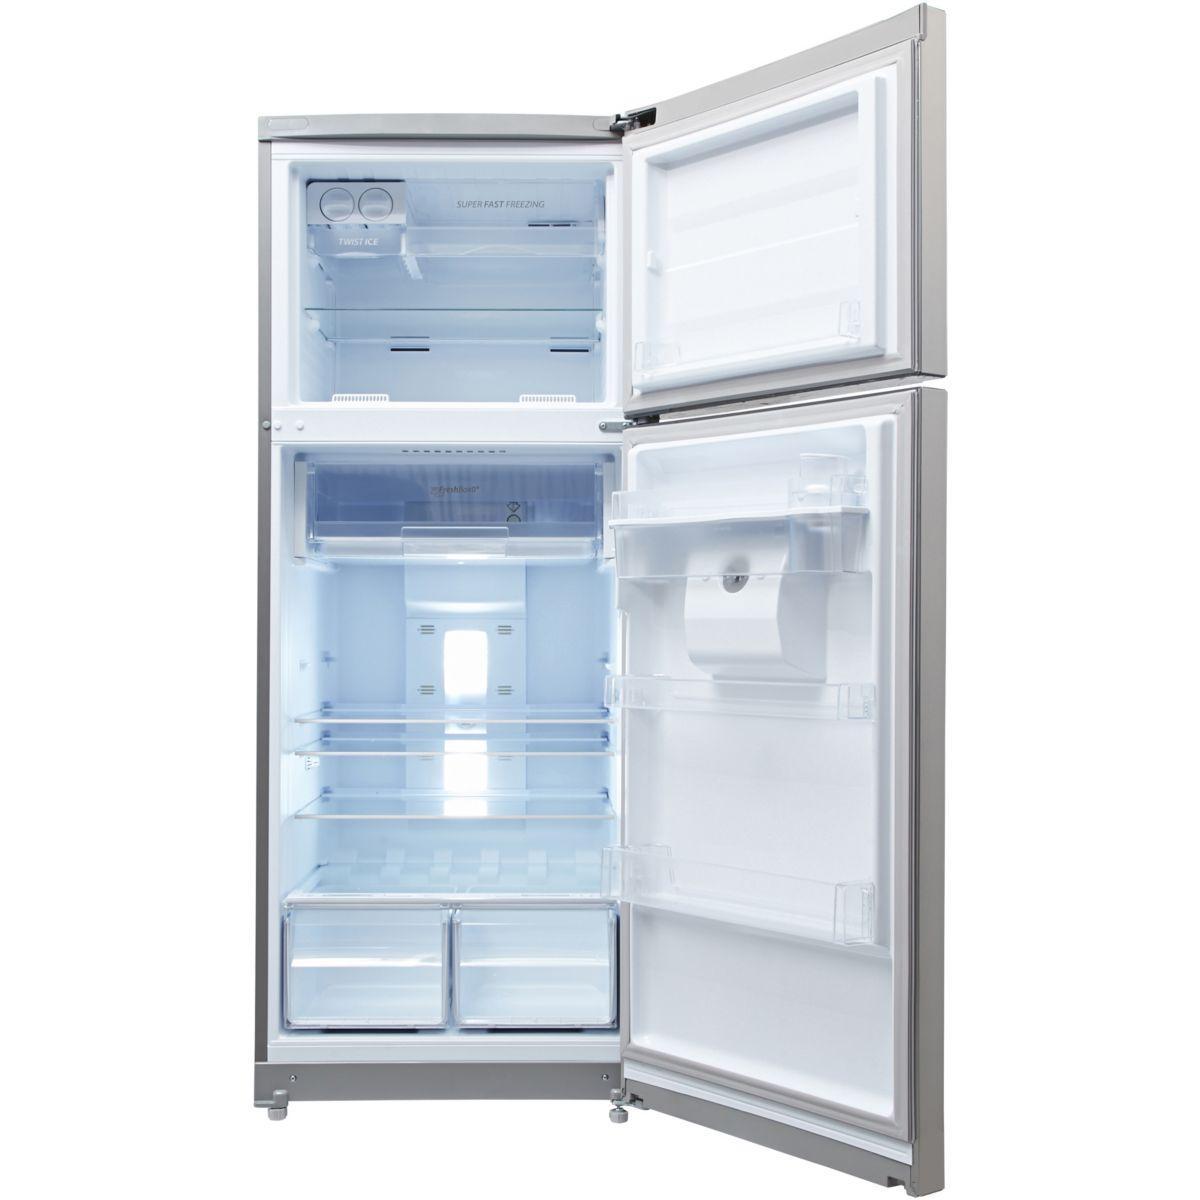 Réfrigérateur congélateur en haut WHIRLPOOL TTNF8211OXAQUA